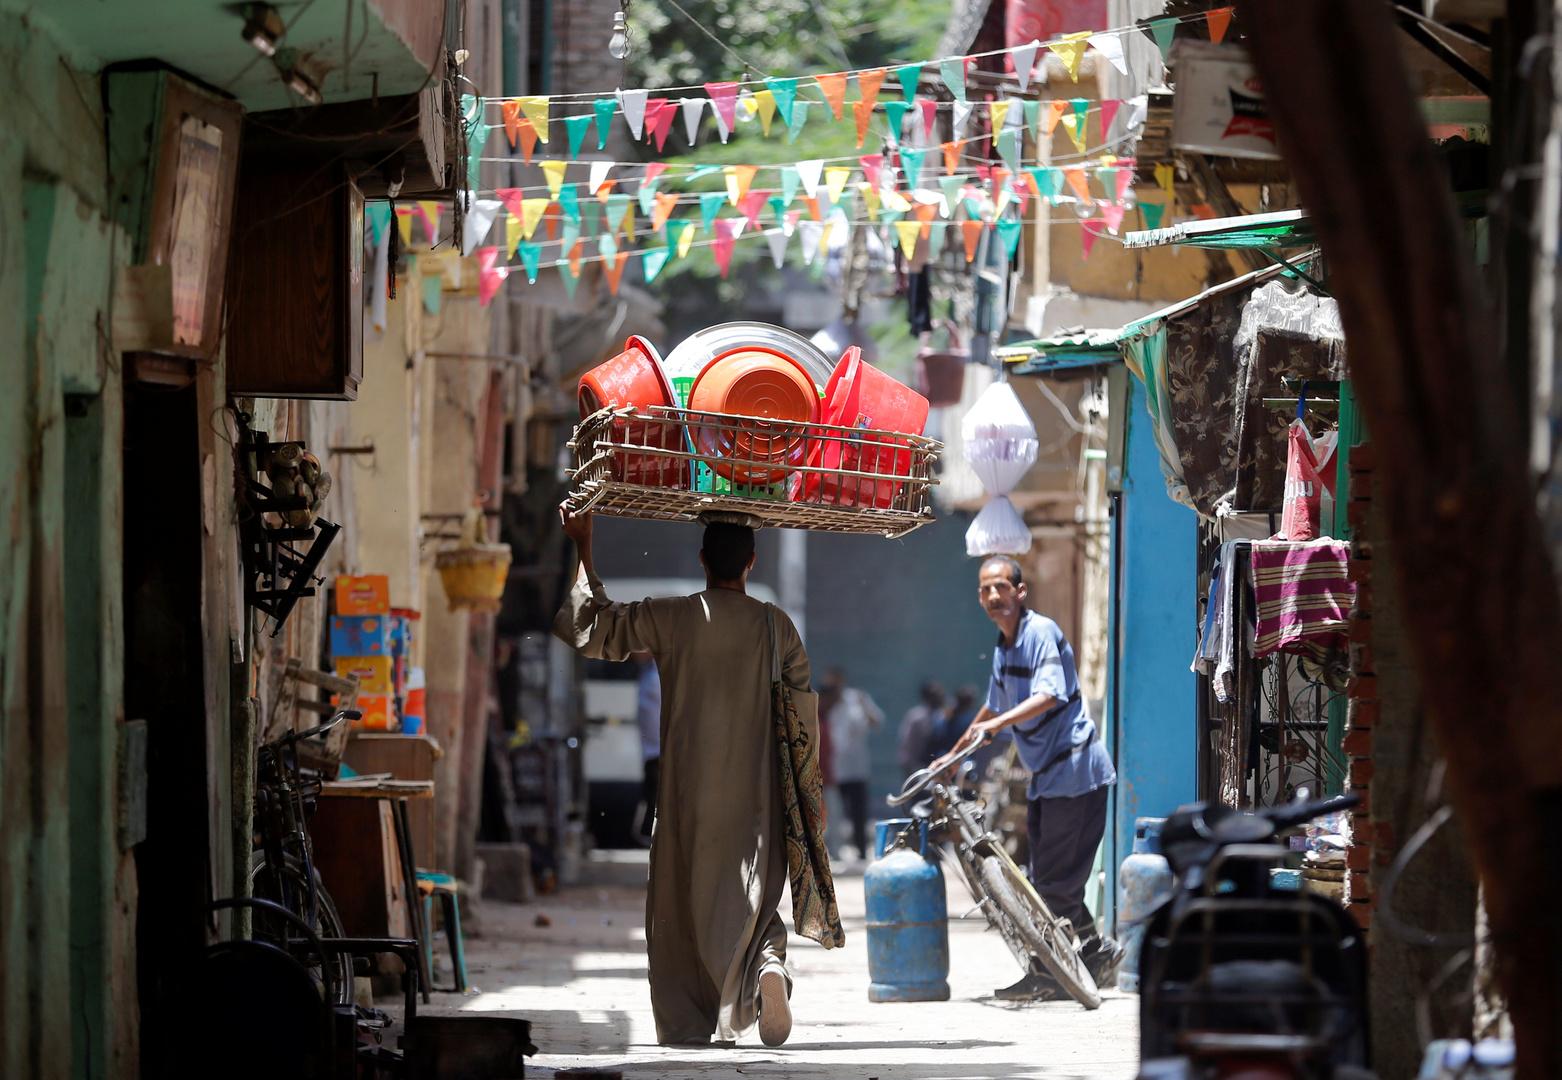 مصر: أرباح بنك ناصر تحقق رقما هو الأعلى منذ عام 1971